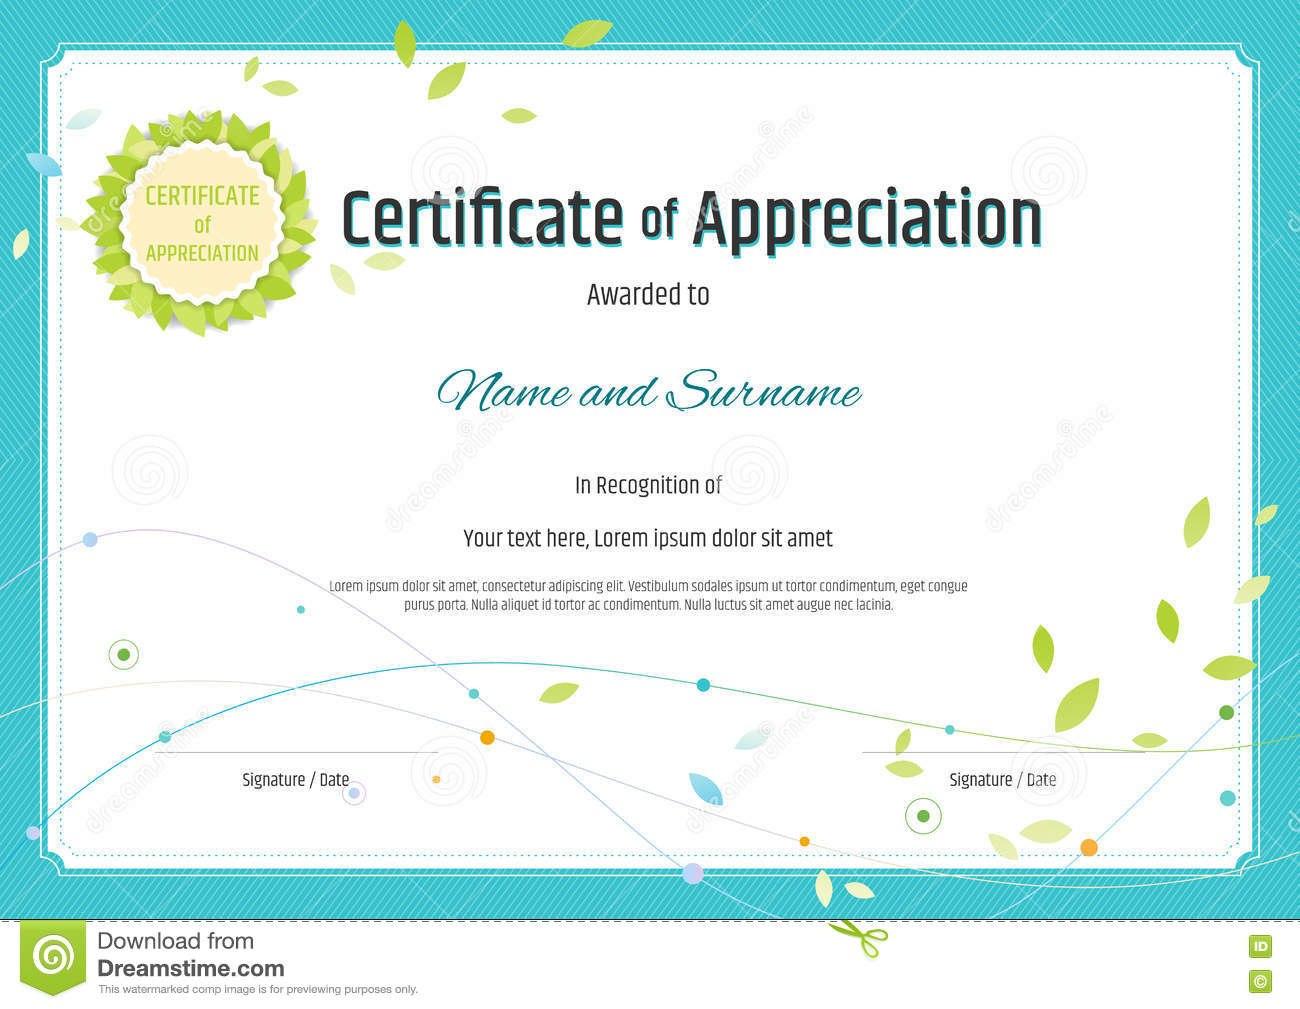 Certificate Of Appreciation Template In Nature Theme With Green For Free Certificate Of Appreciation Template Downloads